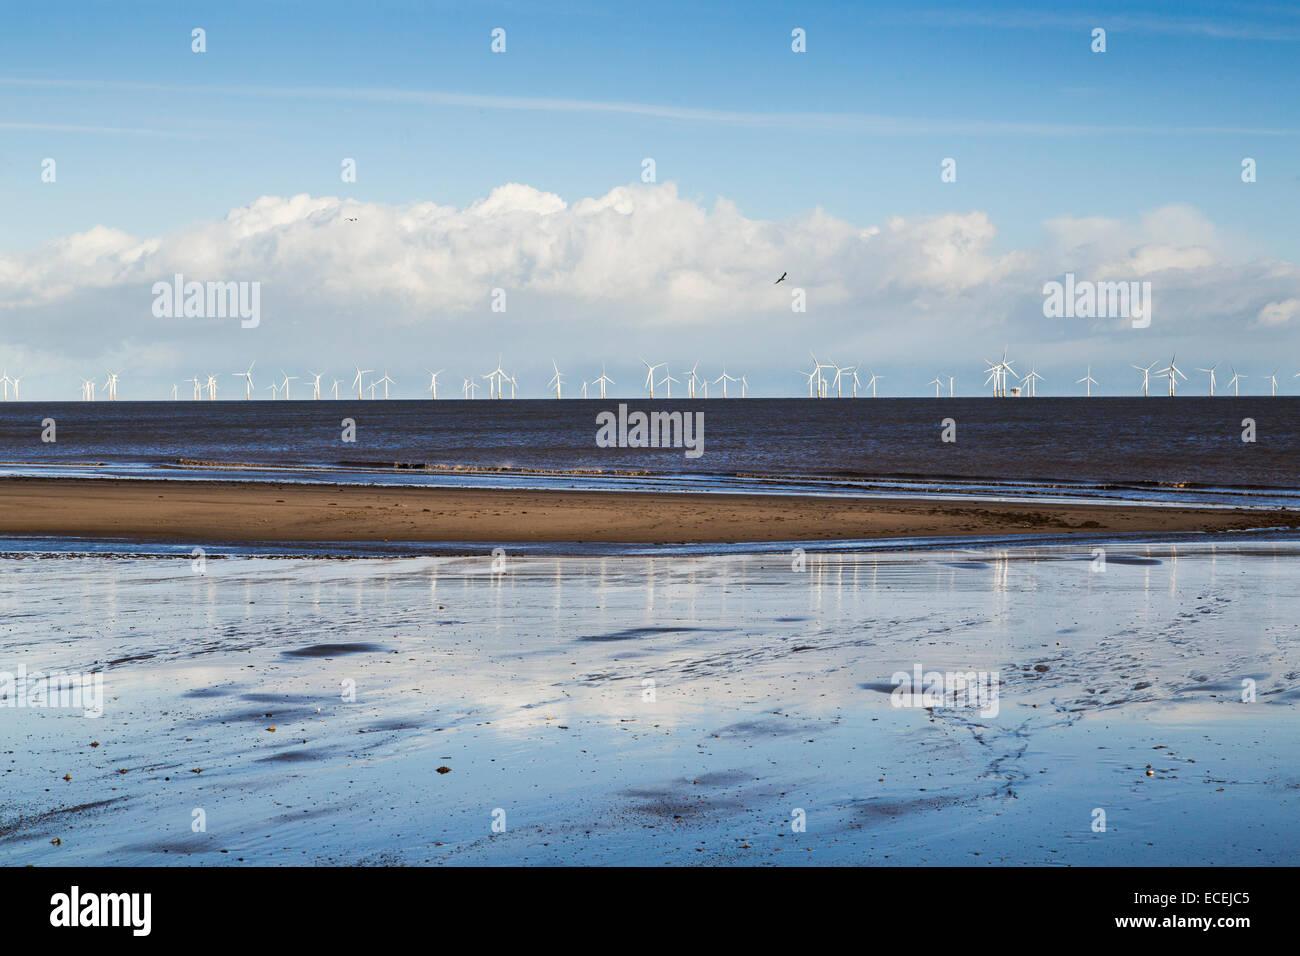 Una wind farm all'orizzonte alla stazione balneare di Skegness, Regno Unito Immagini Stock